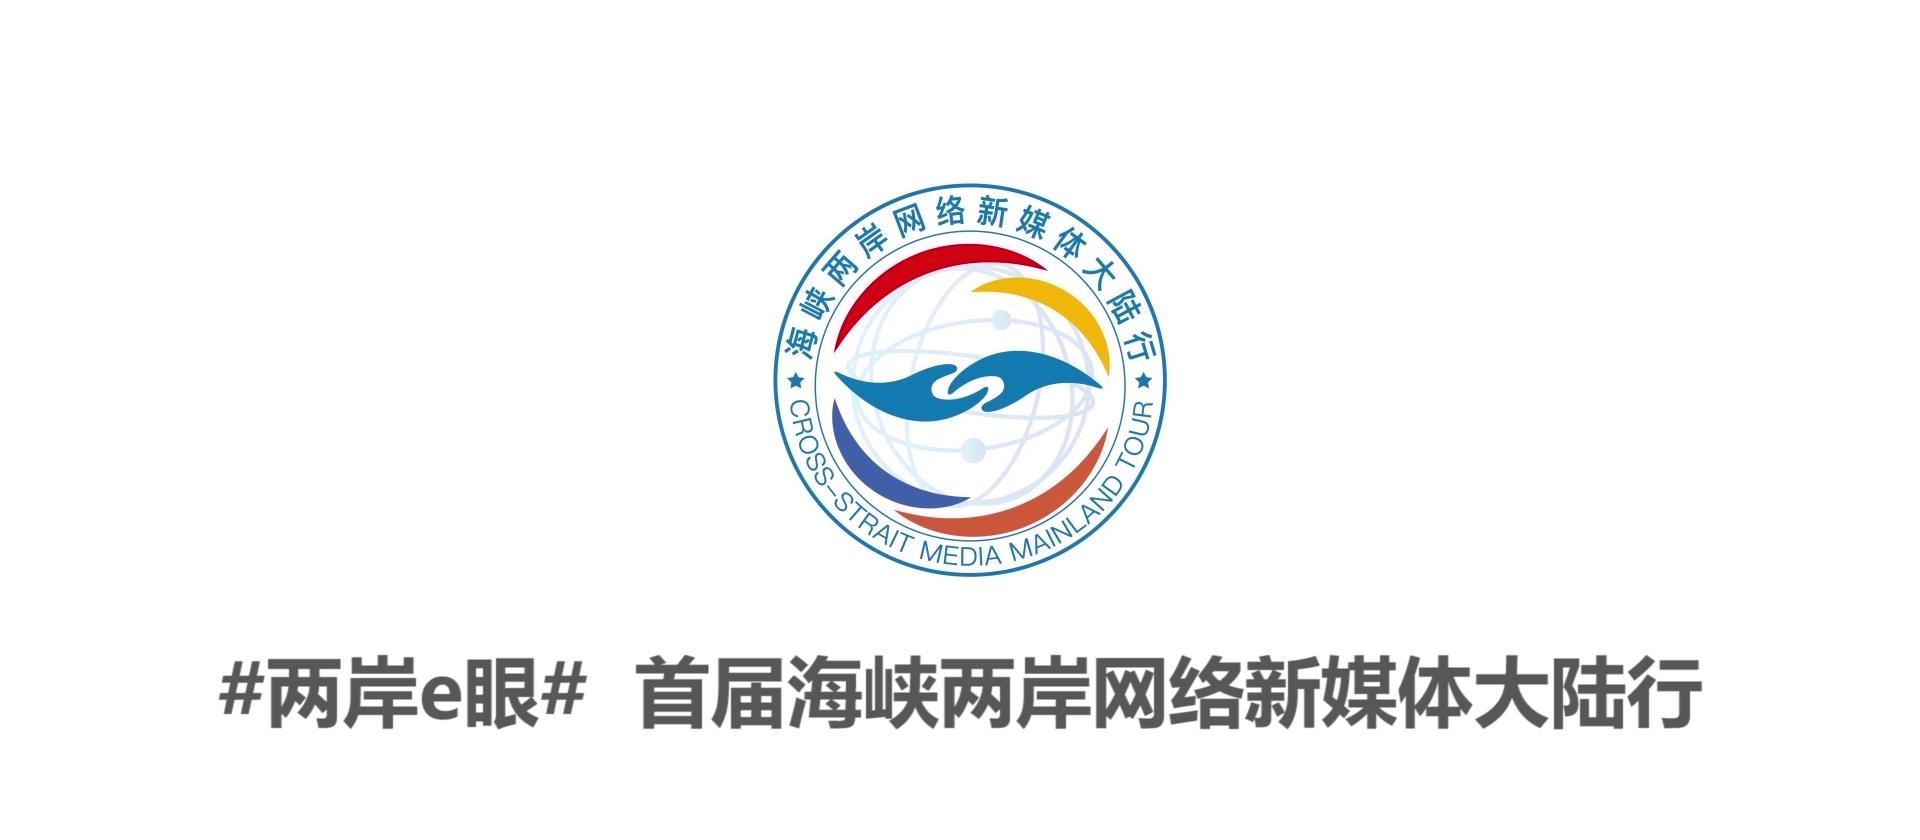 """?""""首届海峡两岸网络新媒体大陆行""""联合报道活动官方宣传片图片"""